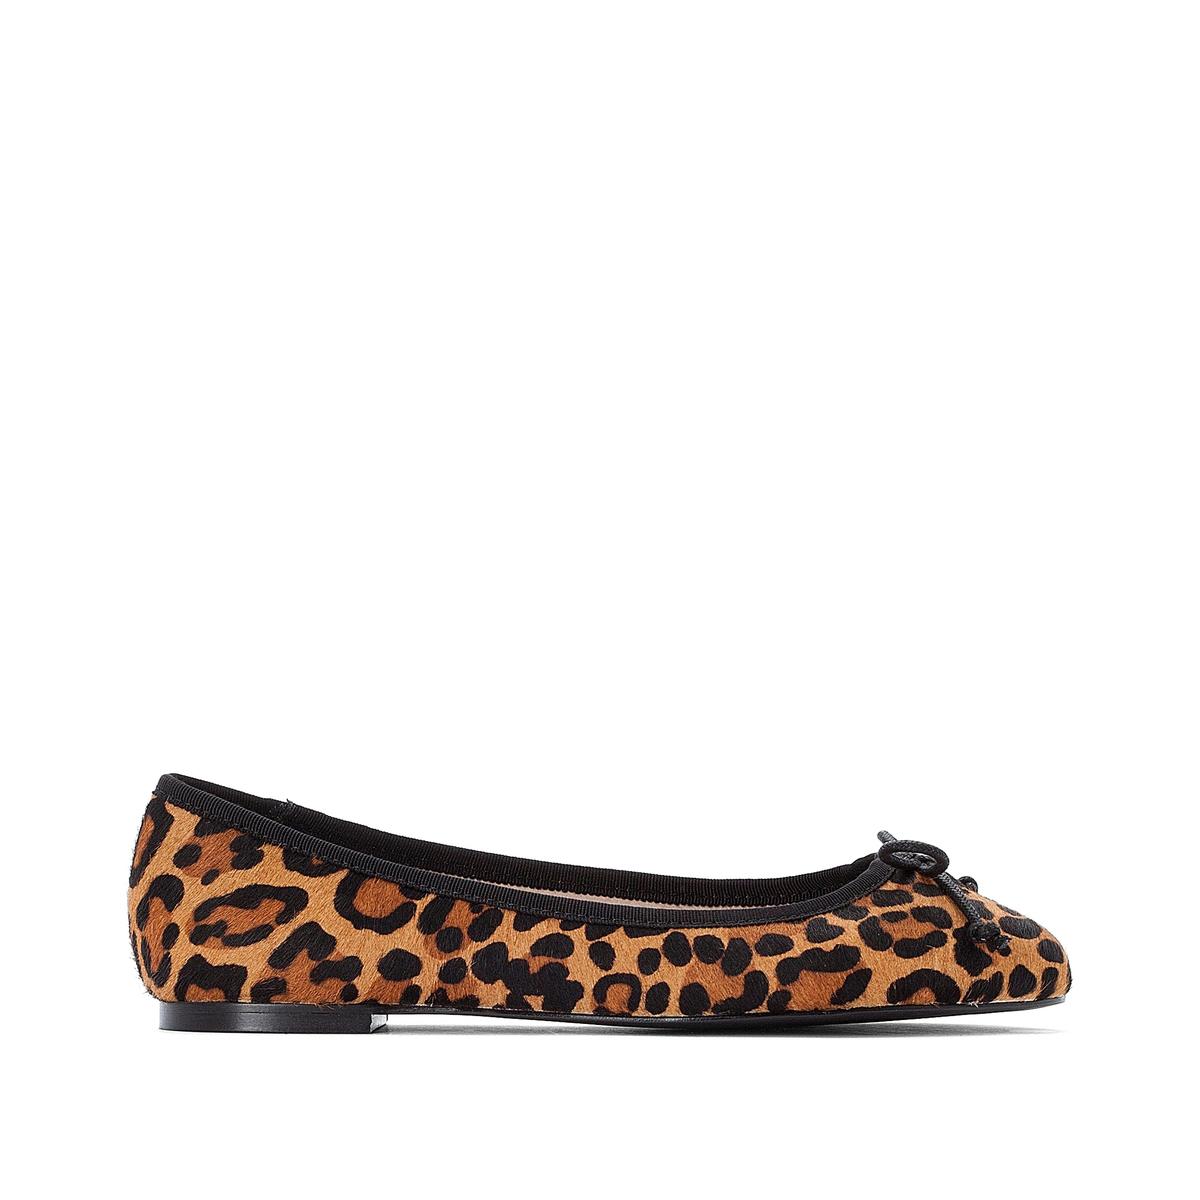 Bailarinas de piel, con estampado leopardo